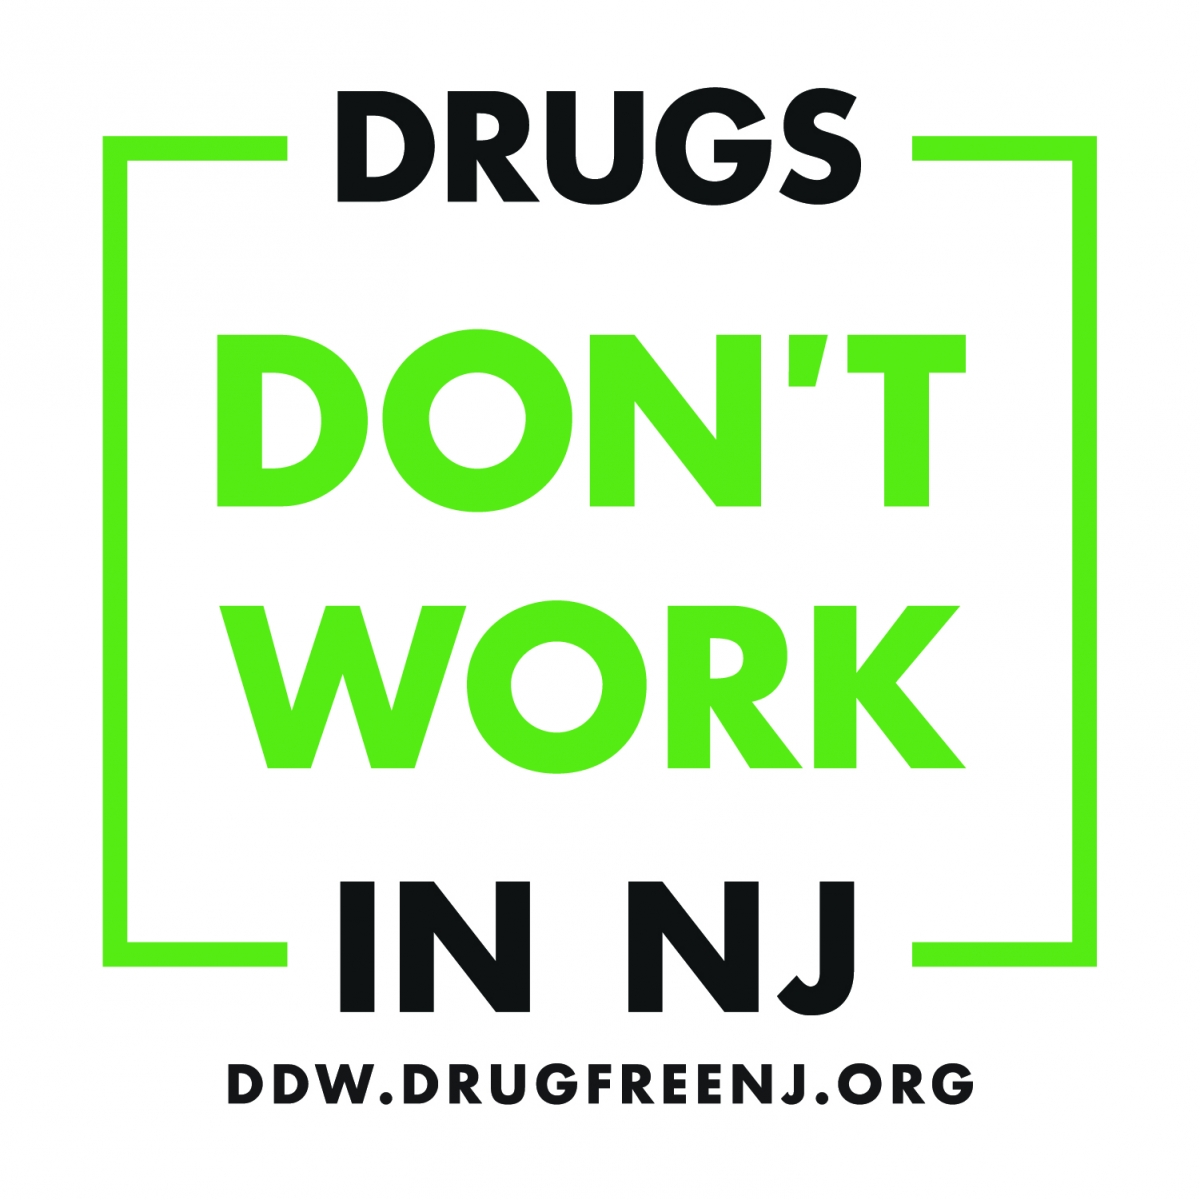 Drug Free NJ - Overview